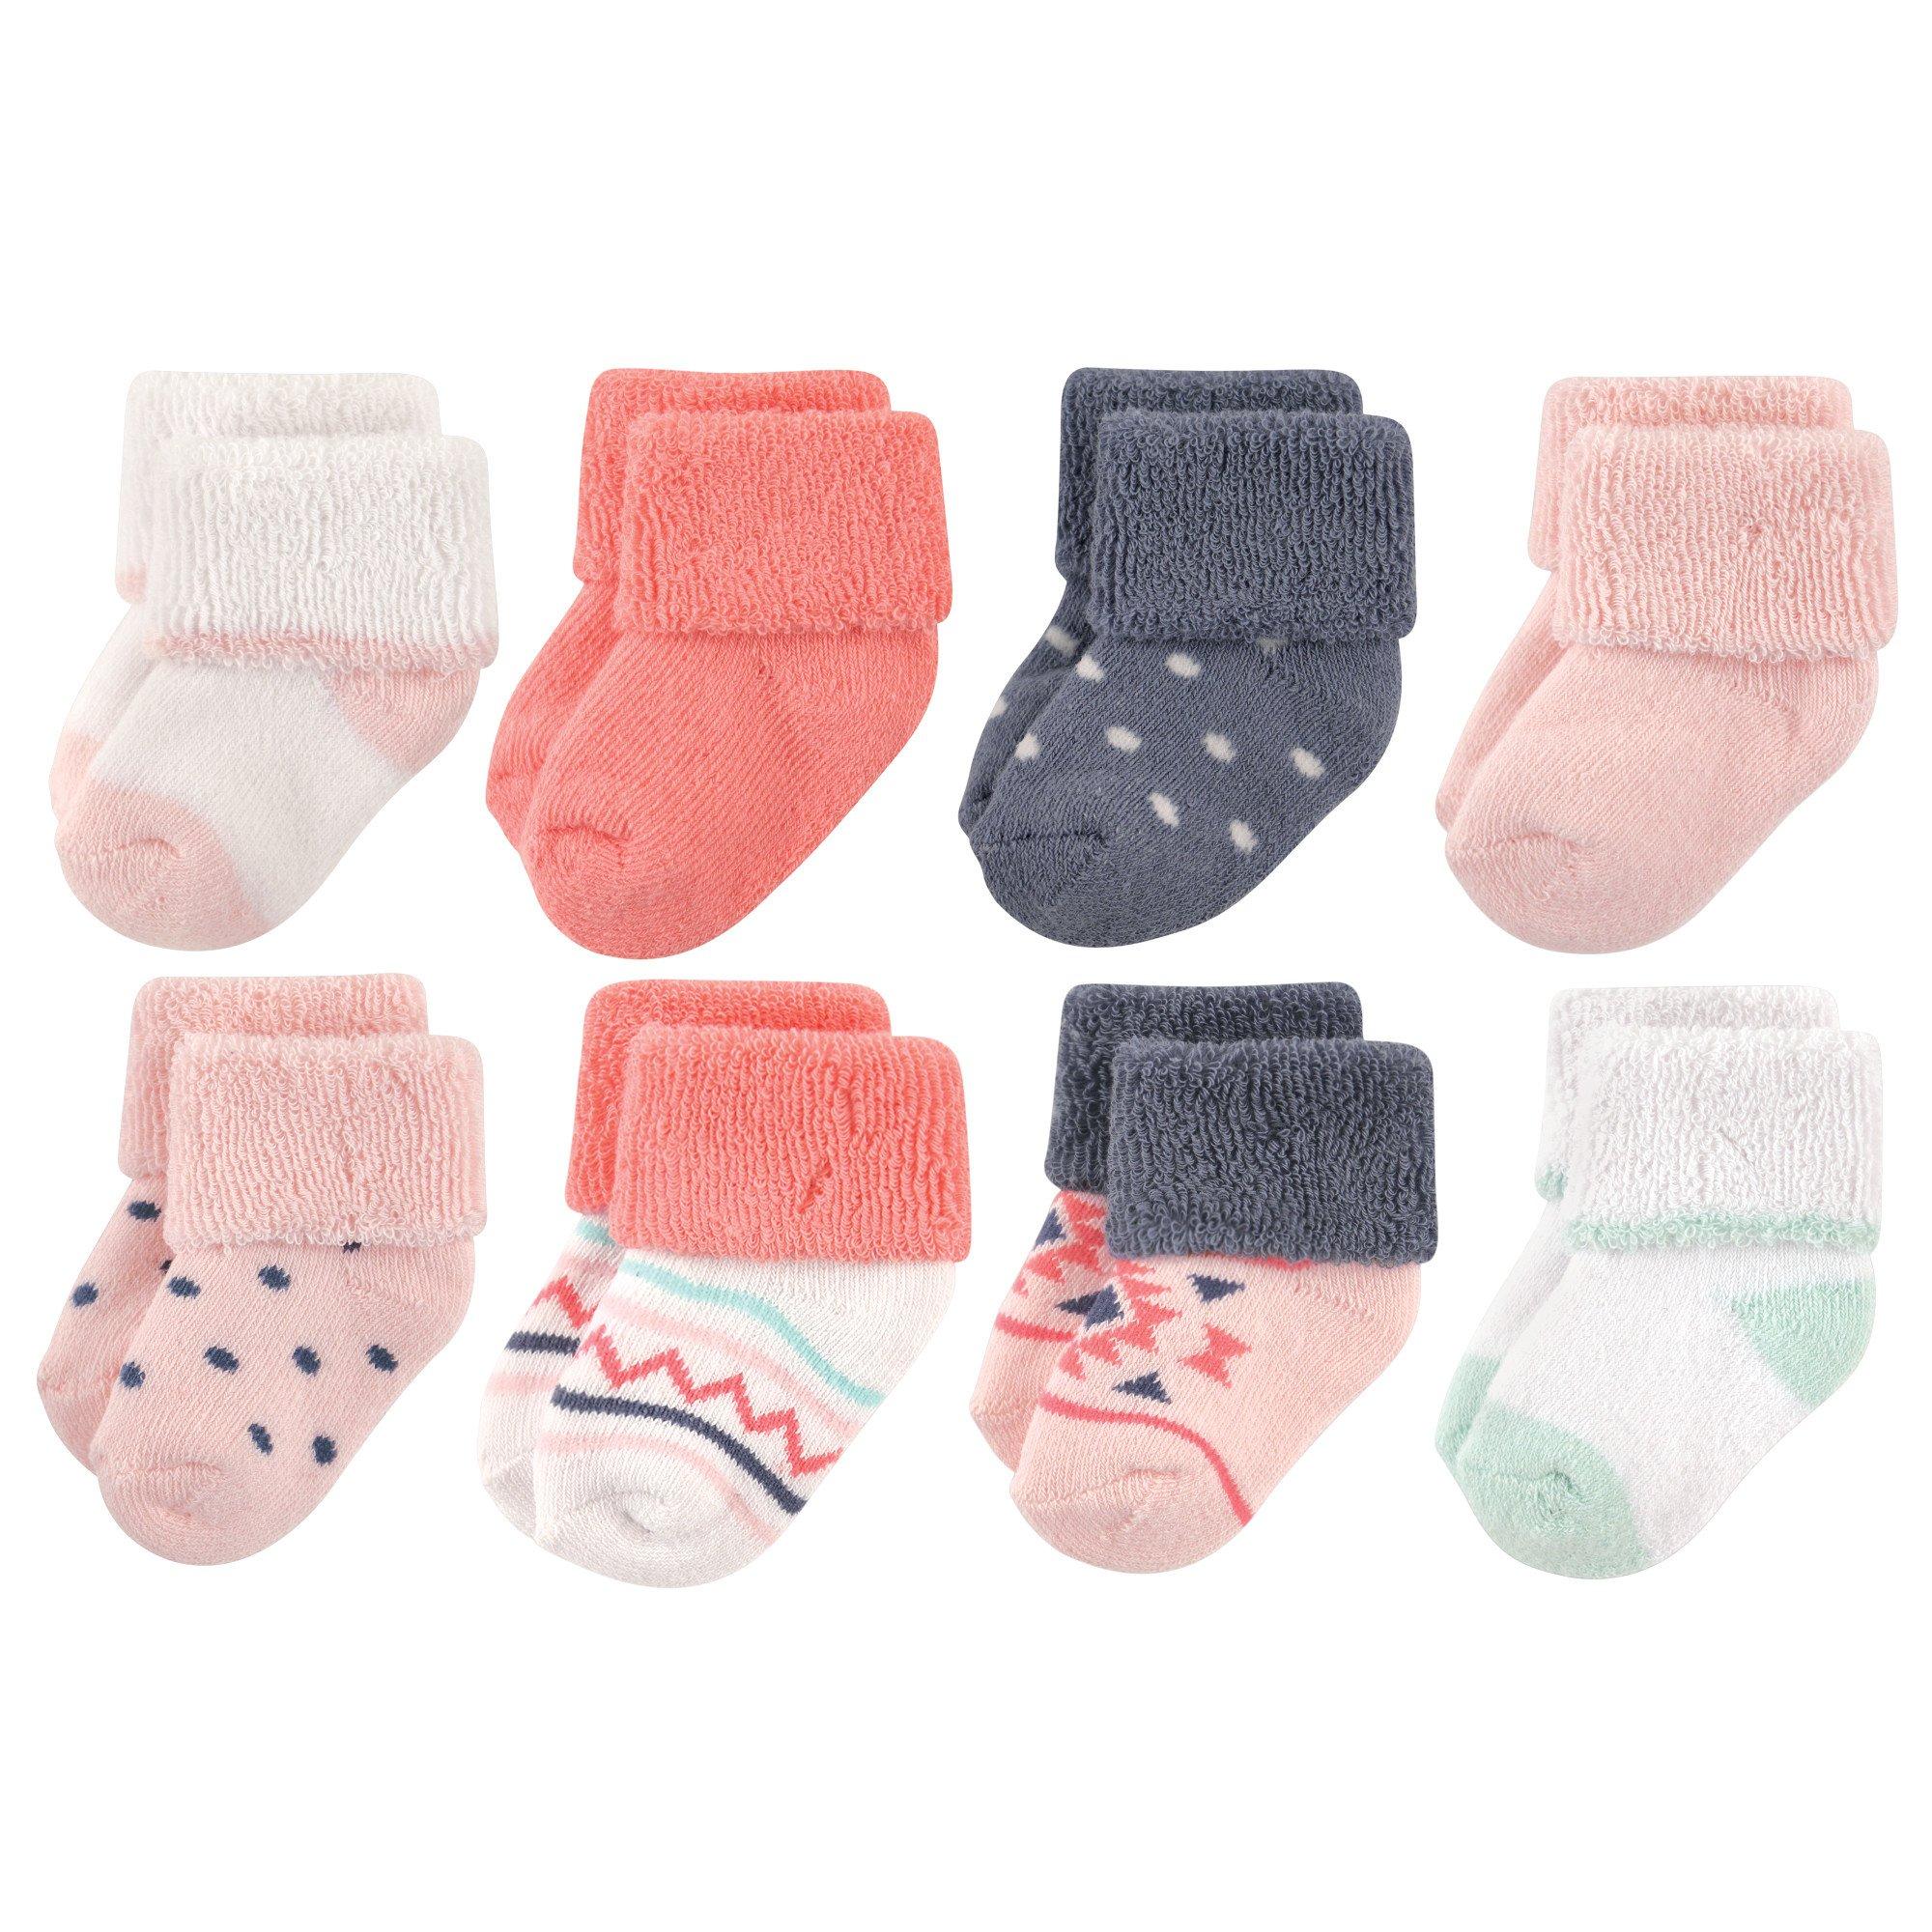 Luvable Friends Unisex Baby Socks, Girl Aztec